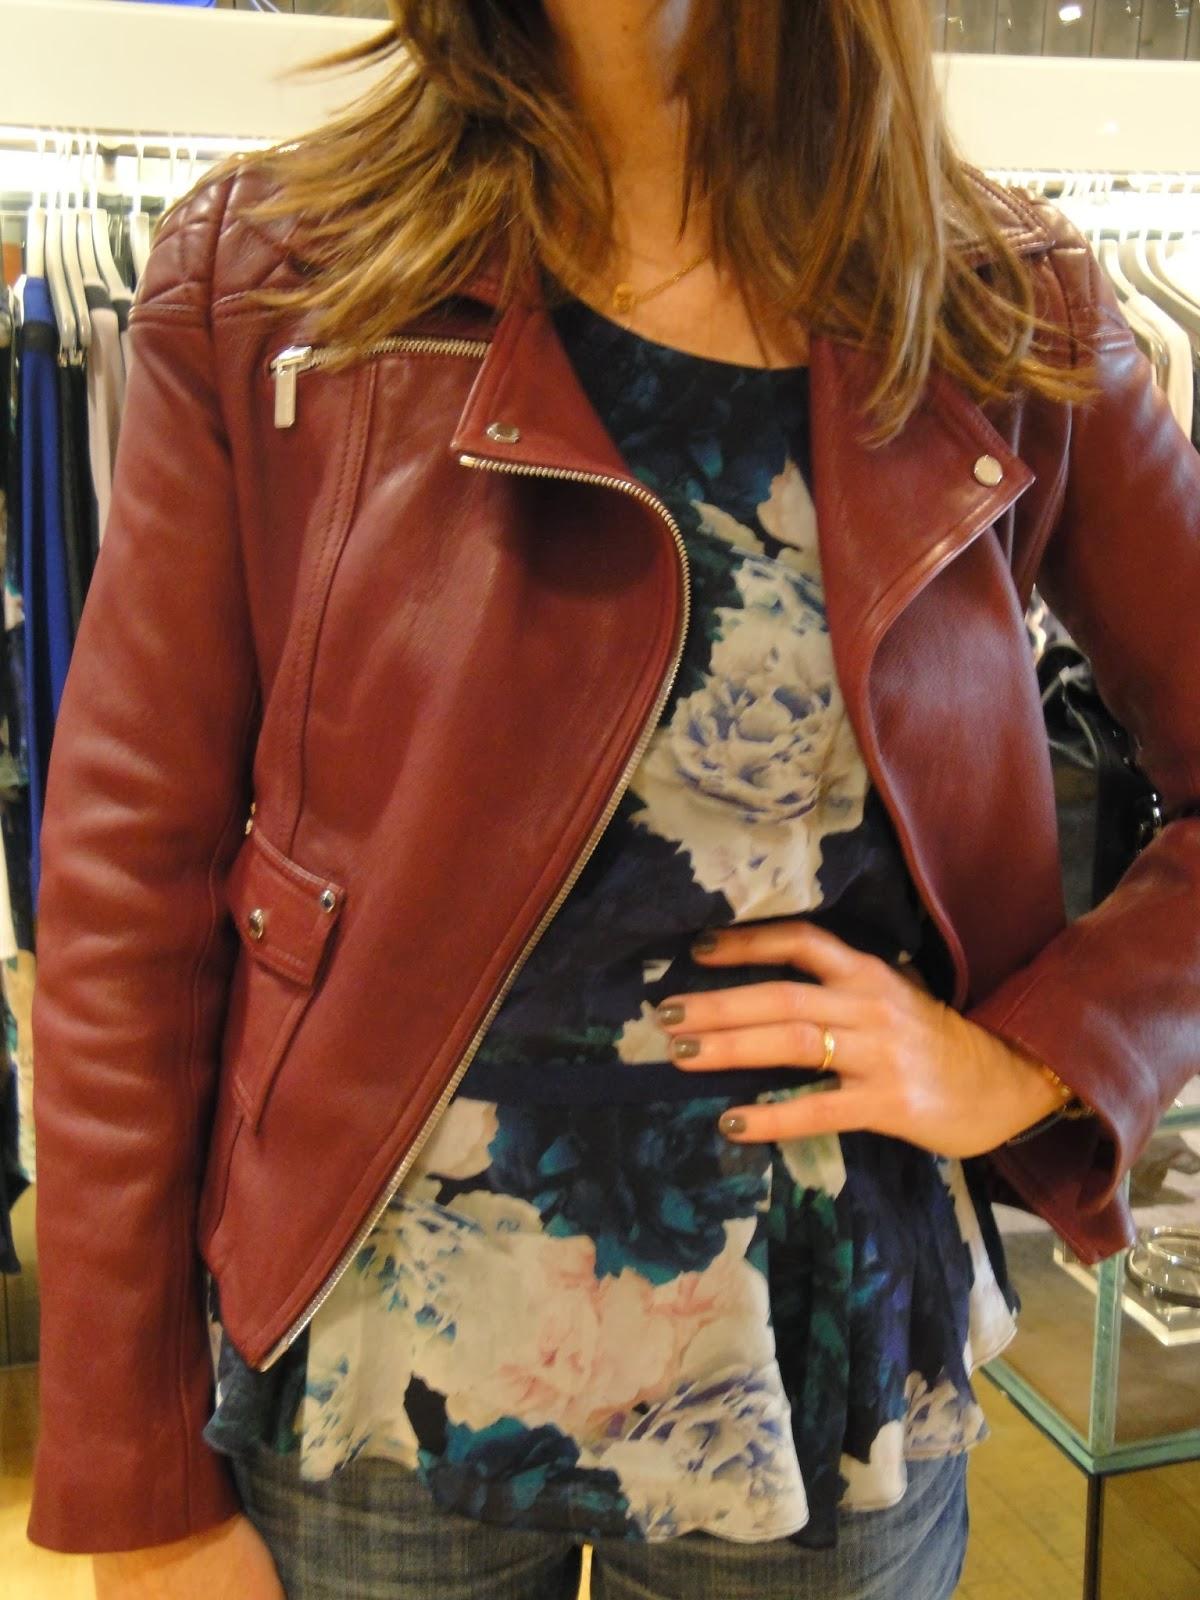 Arquivo: Casaco de Cabedal Homem 'Real Leather', inglês